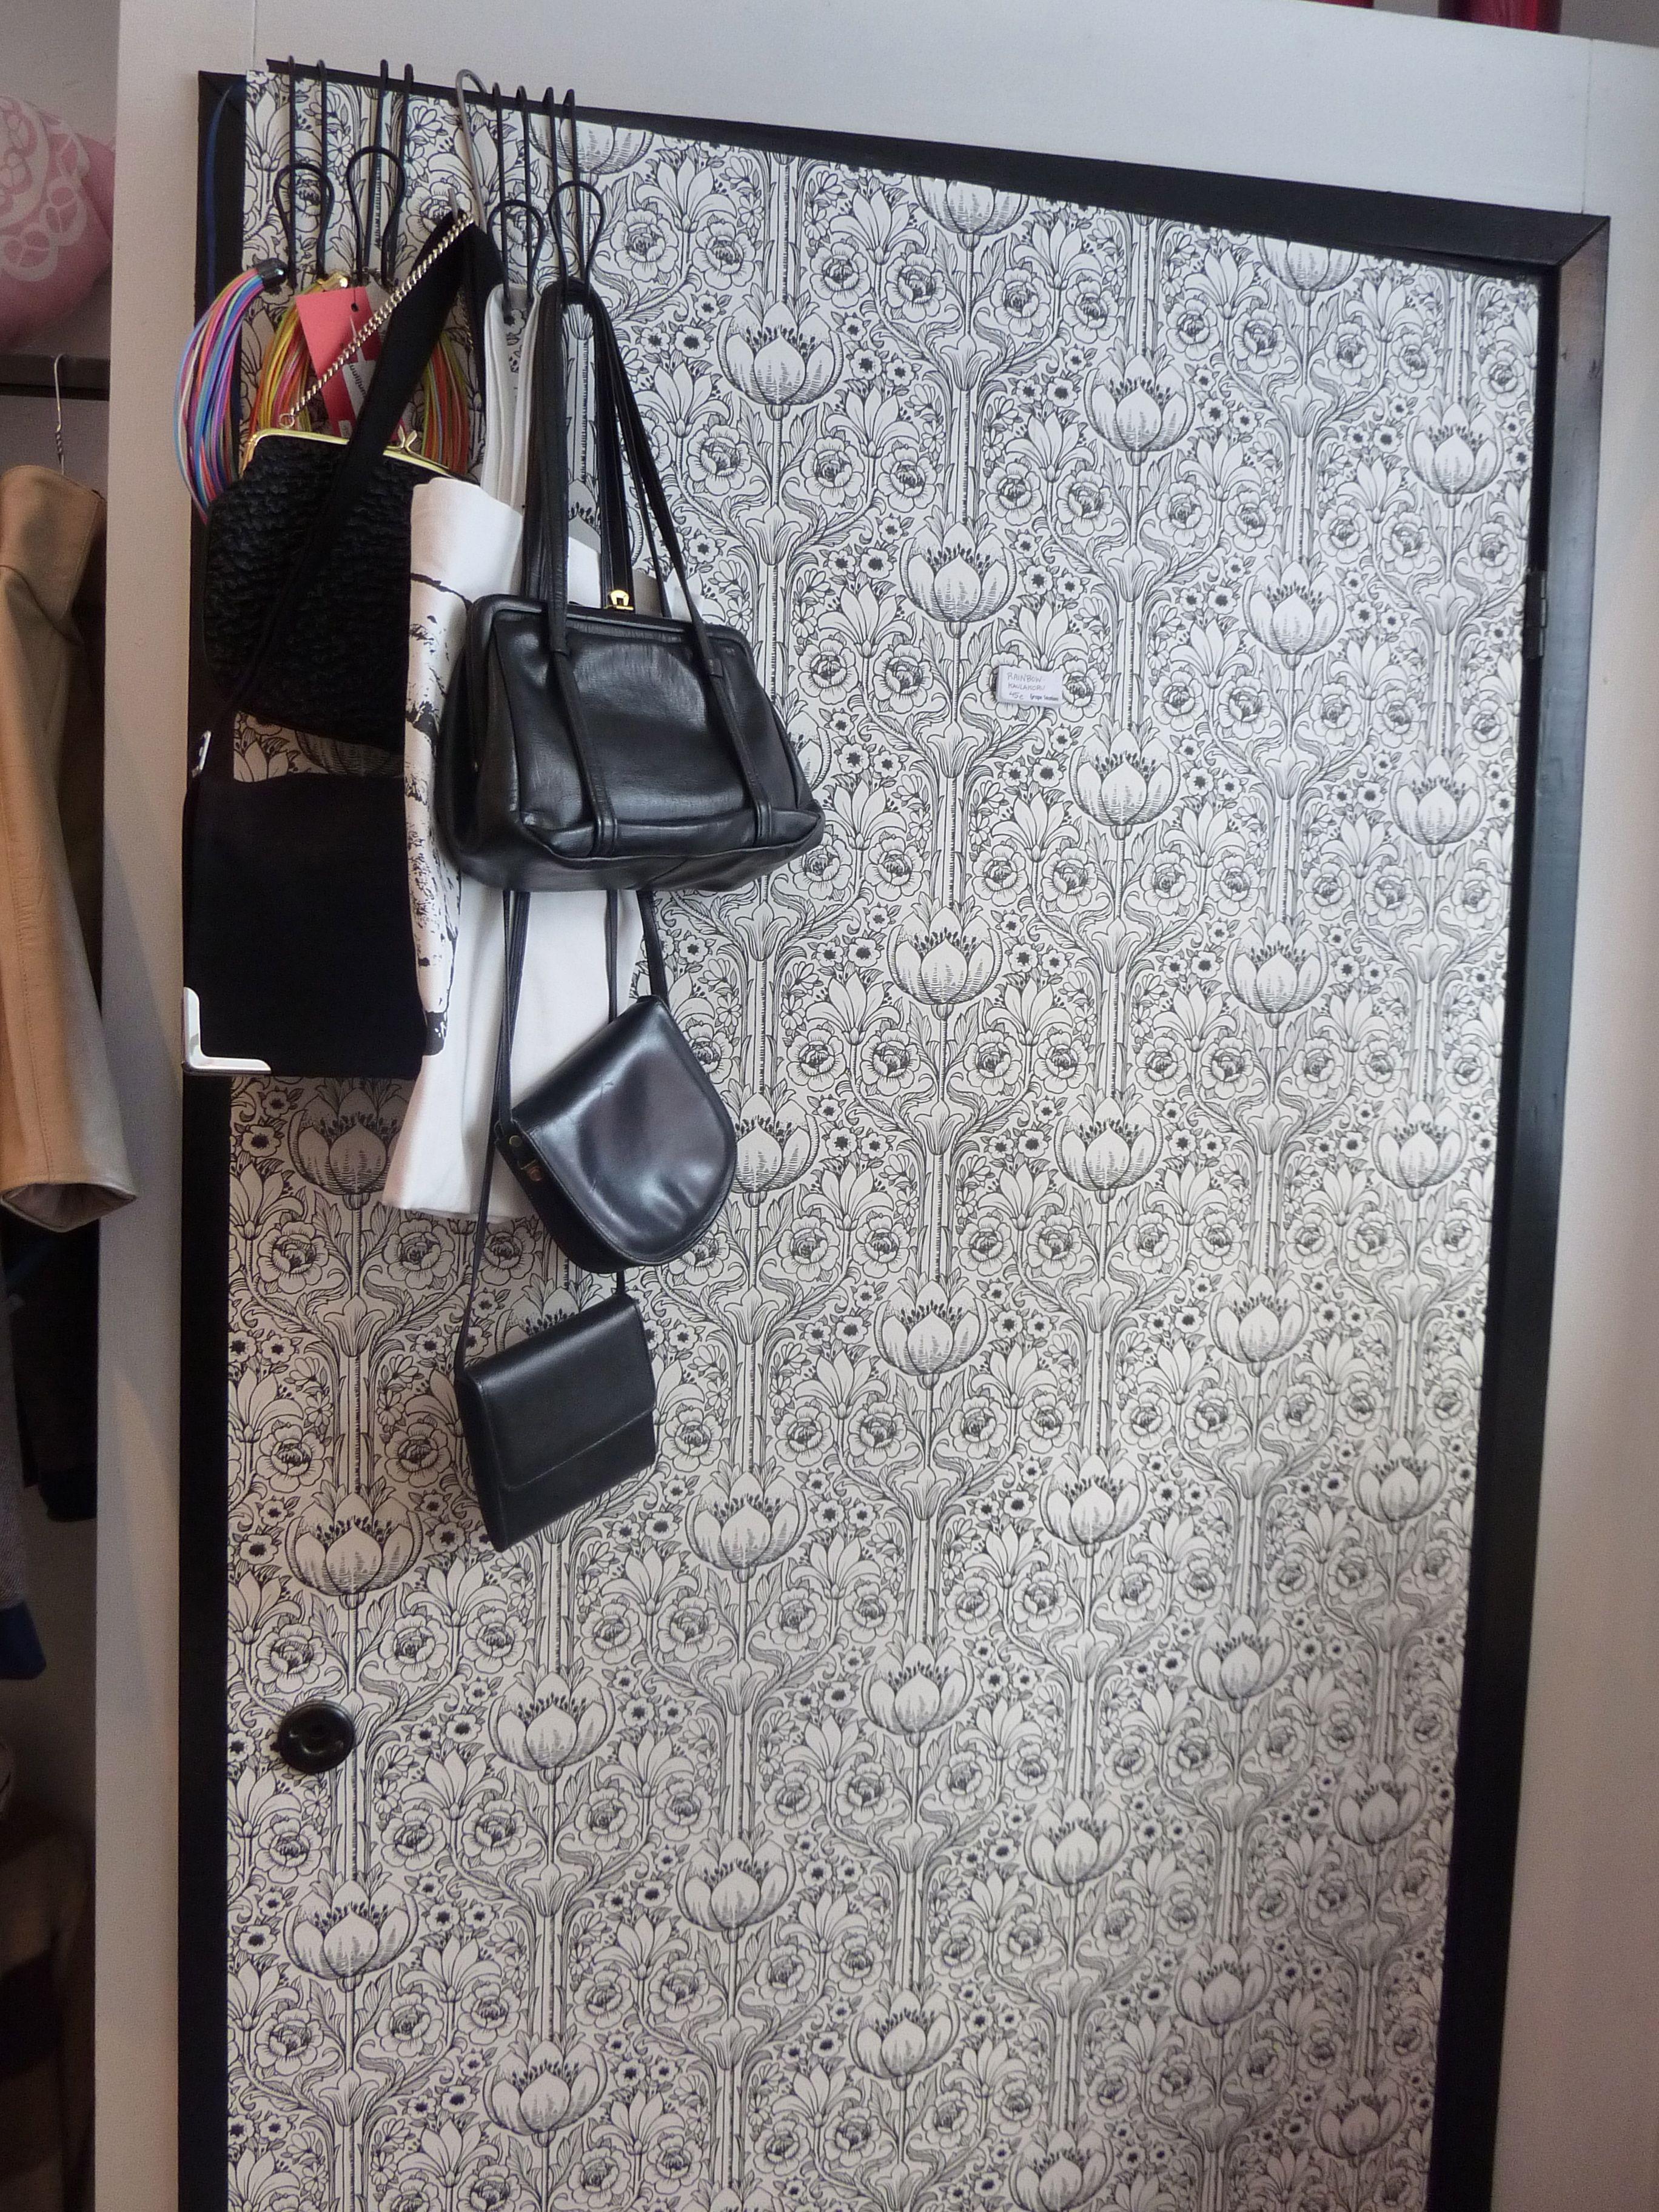 Wallpaper the door.